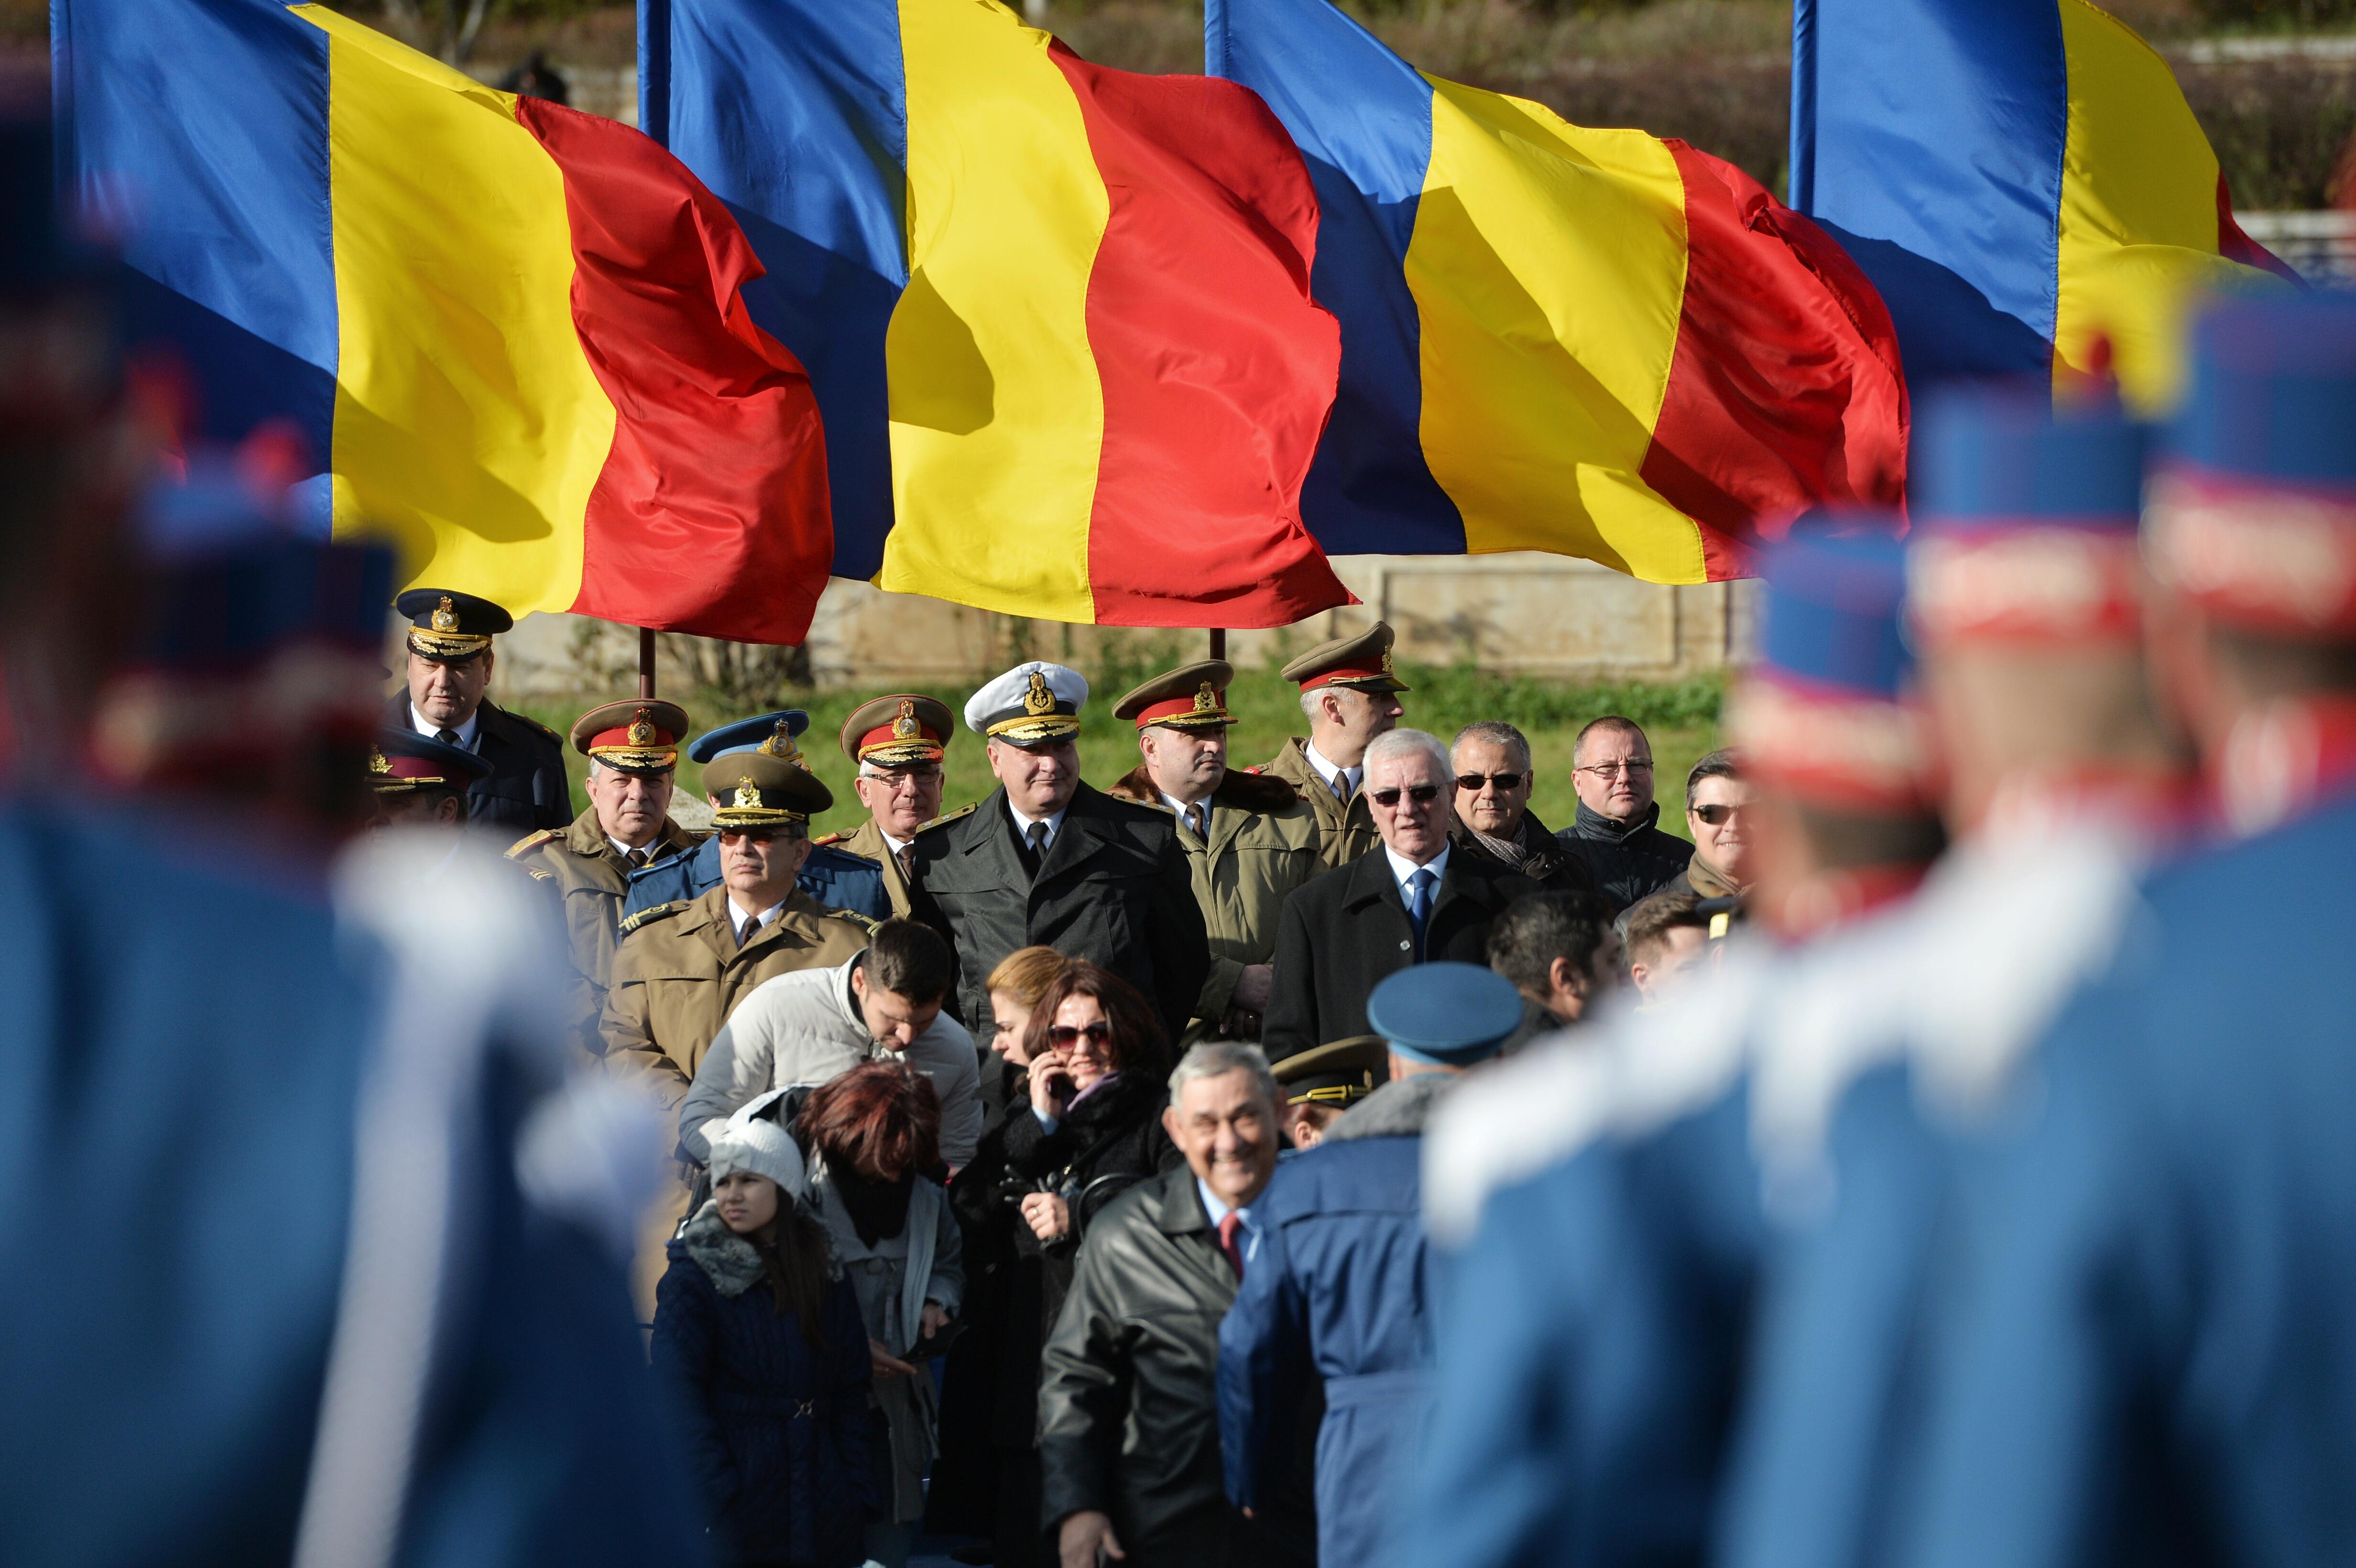 Ceremonii militare, defilare în costumele Armatei de acum 100 de ani, în oraşele din centrul României. Programul complet al manifestaţiilor de 1 Decembrie